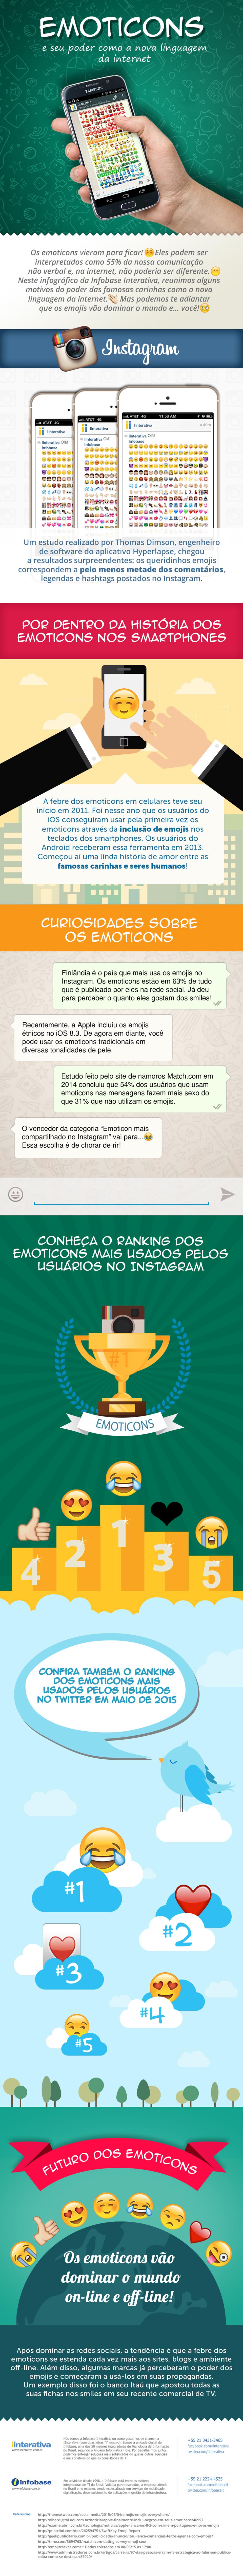 Infográfico mostra o poder dos emoticons nos mensageiros e redes sociais